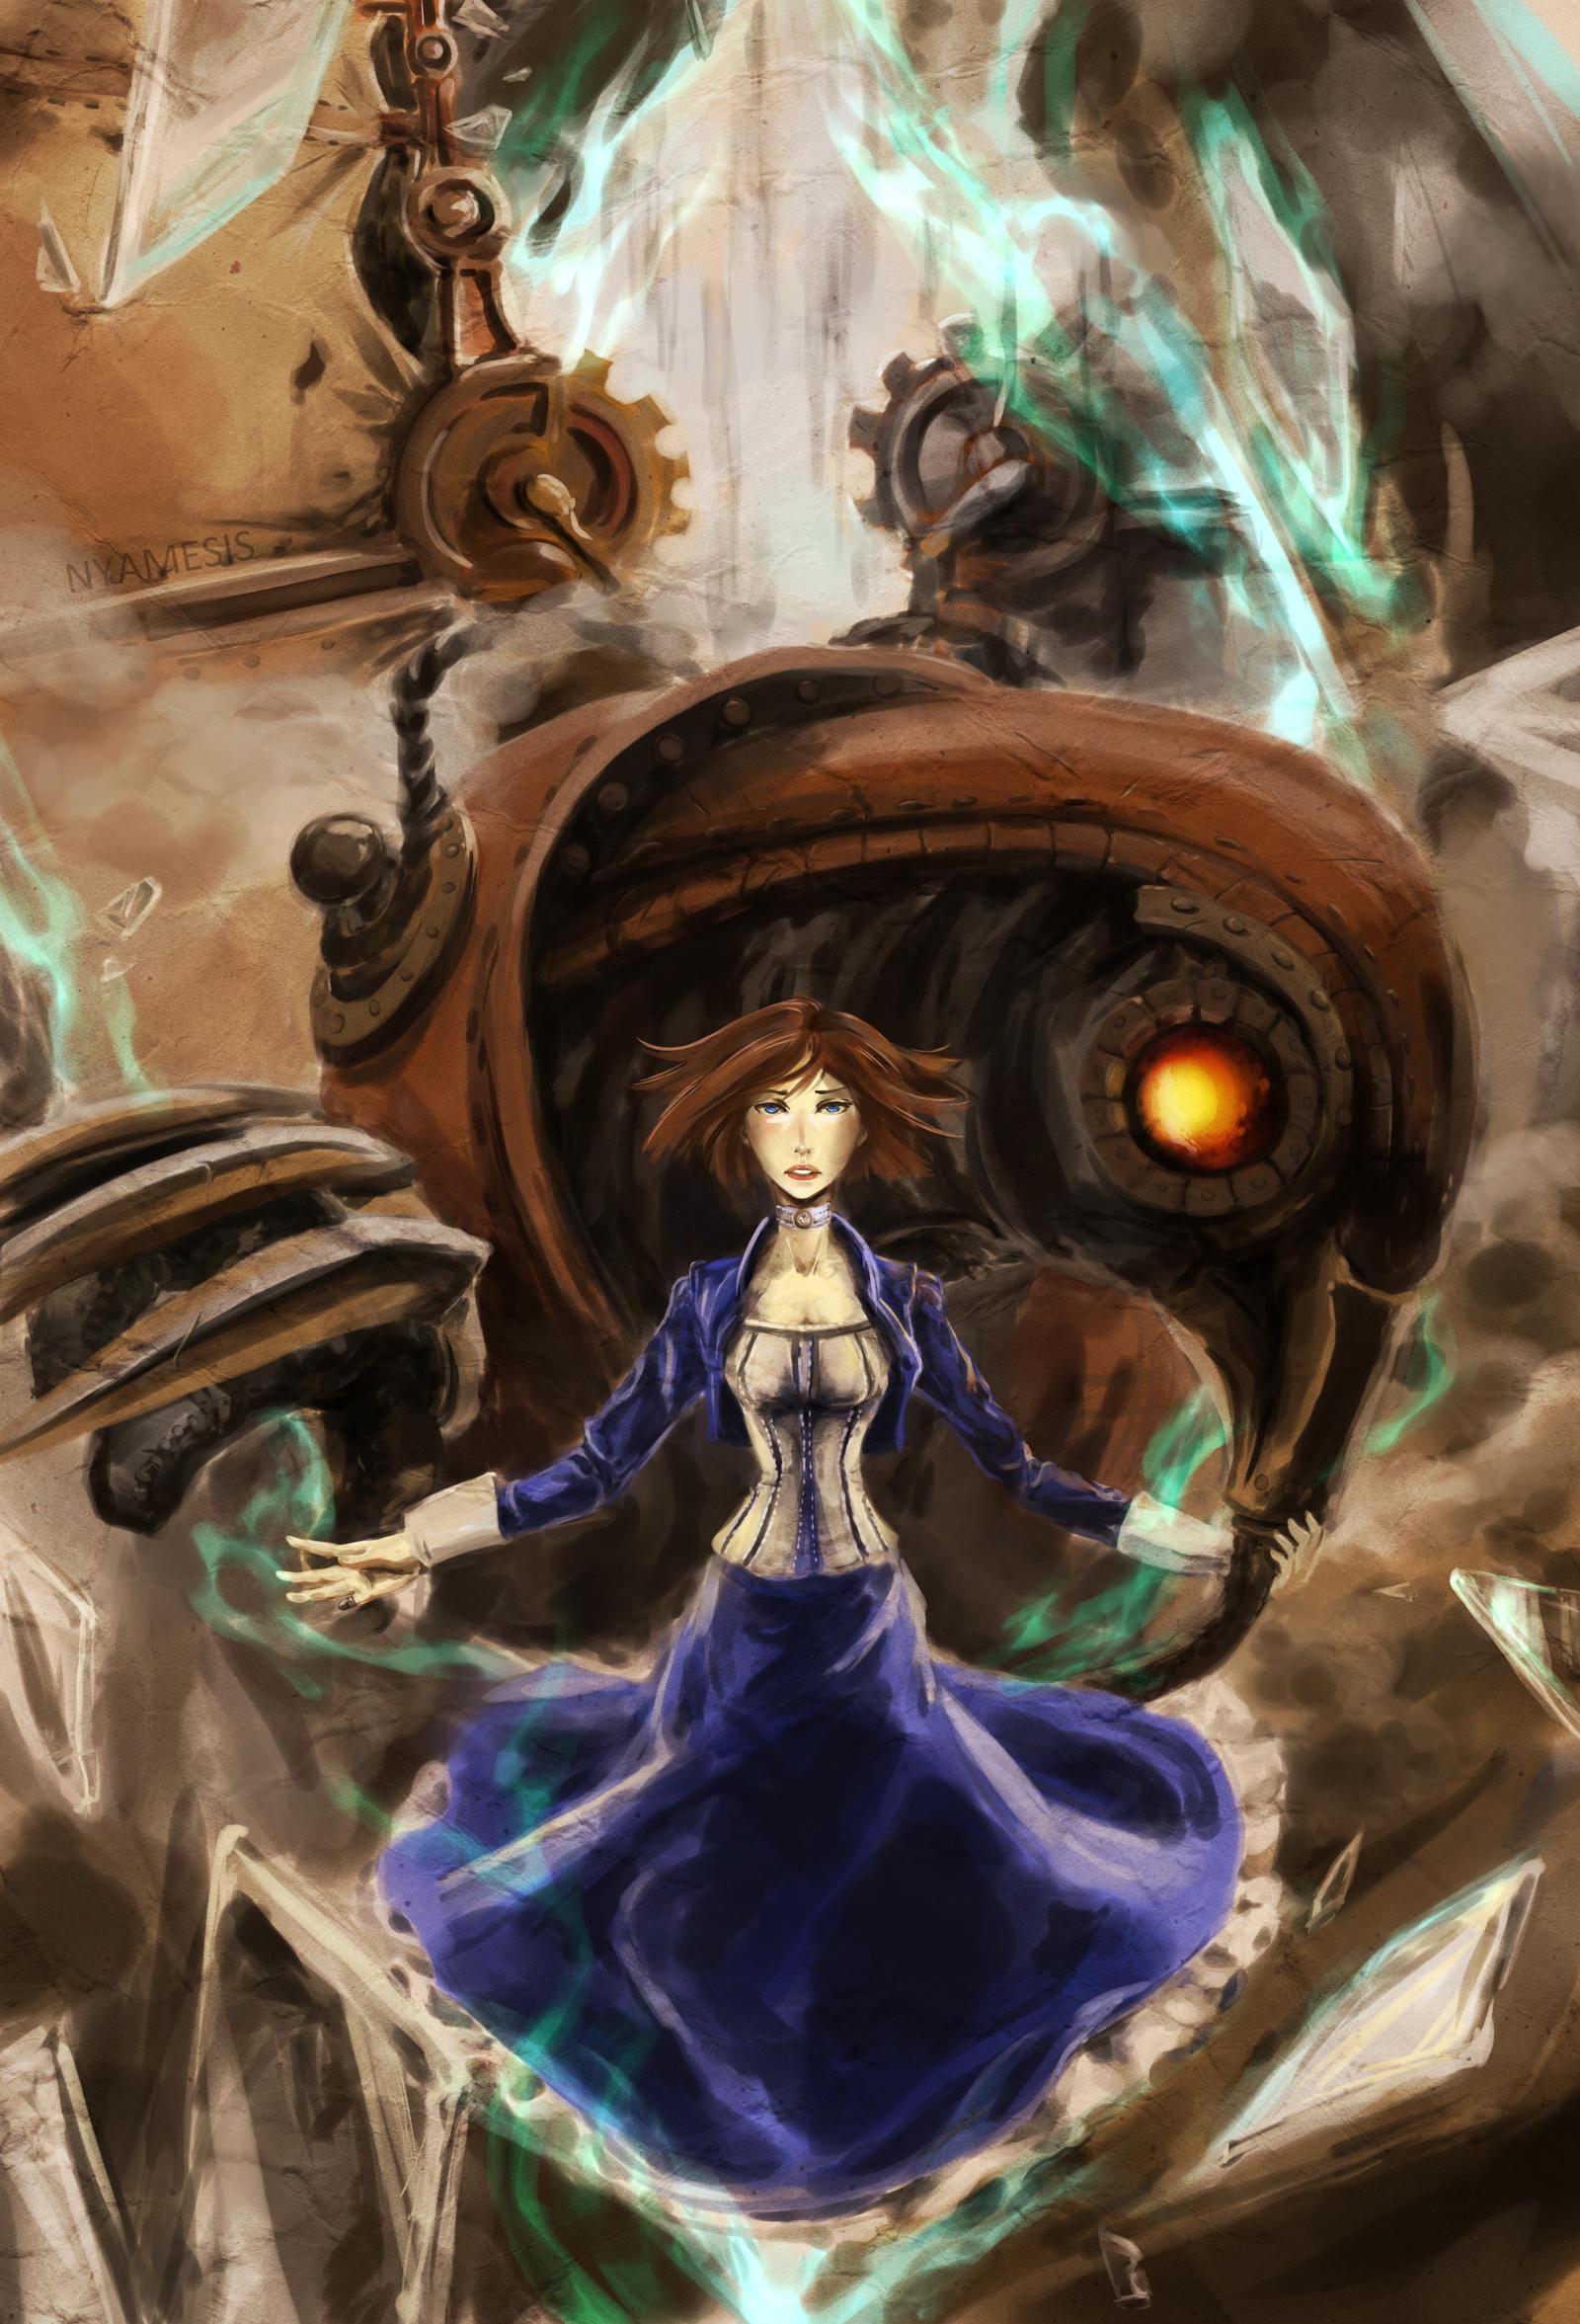 Bioshock Infinite by Nyamesiss